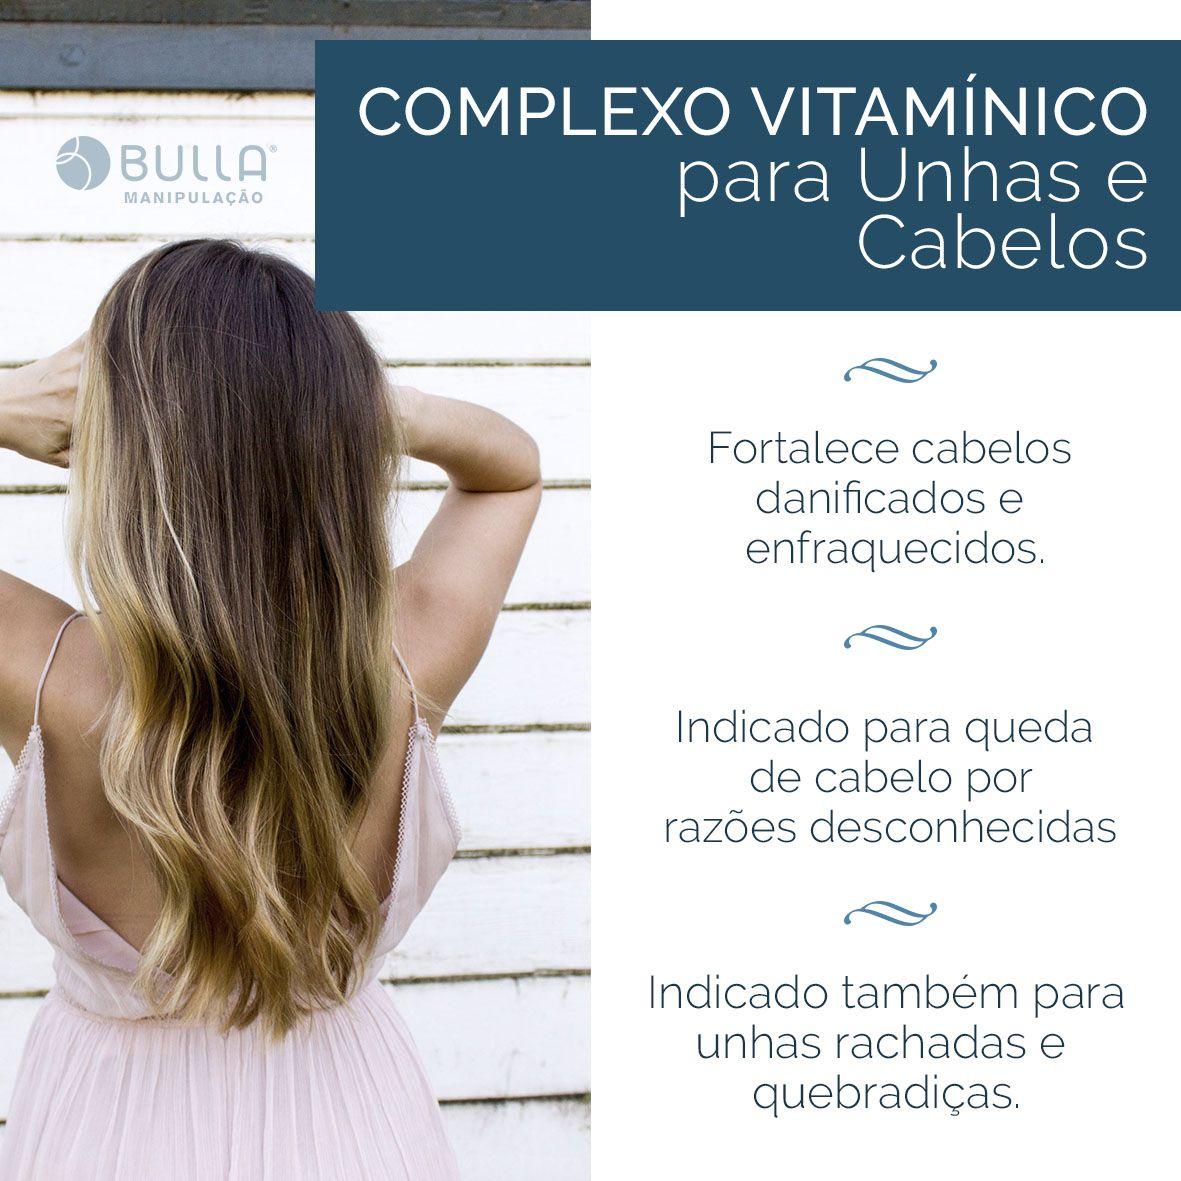 Pantogar - Complexo Vitamínico para Queda de Cabelos - 60 cápsulas   - Bulla Farmácia de Manipulação